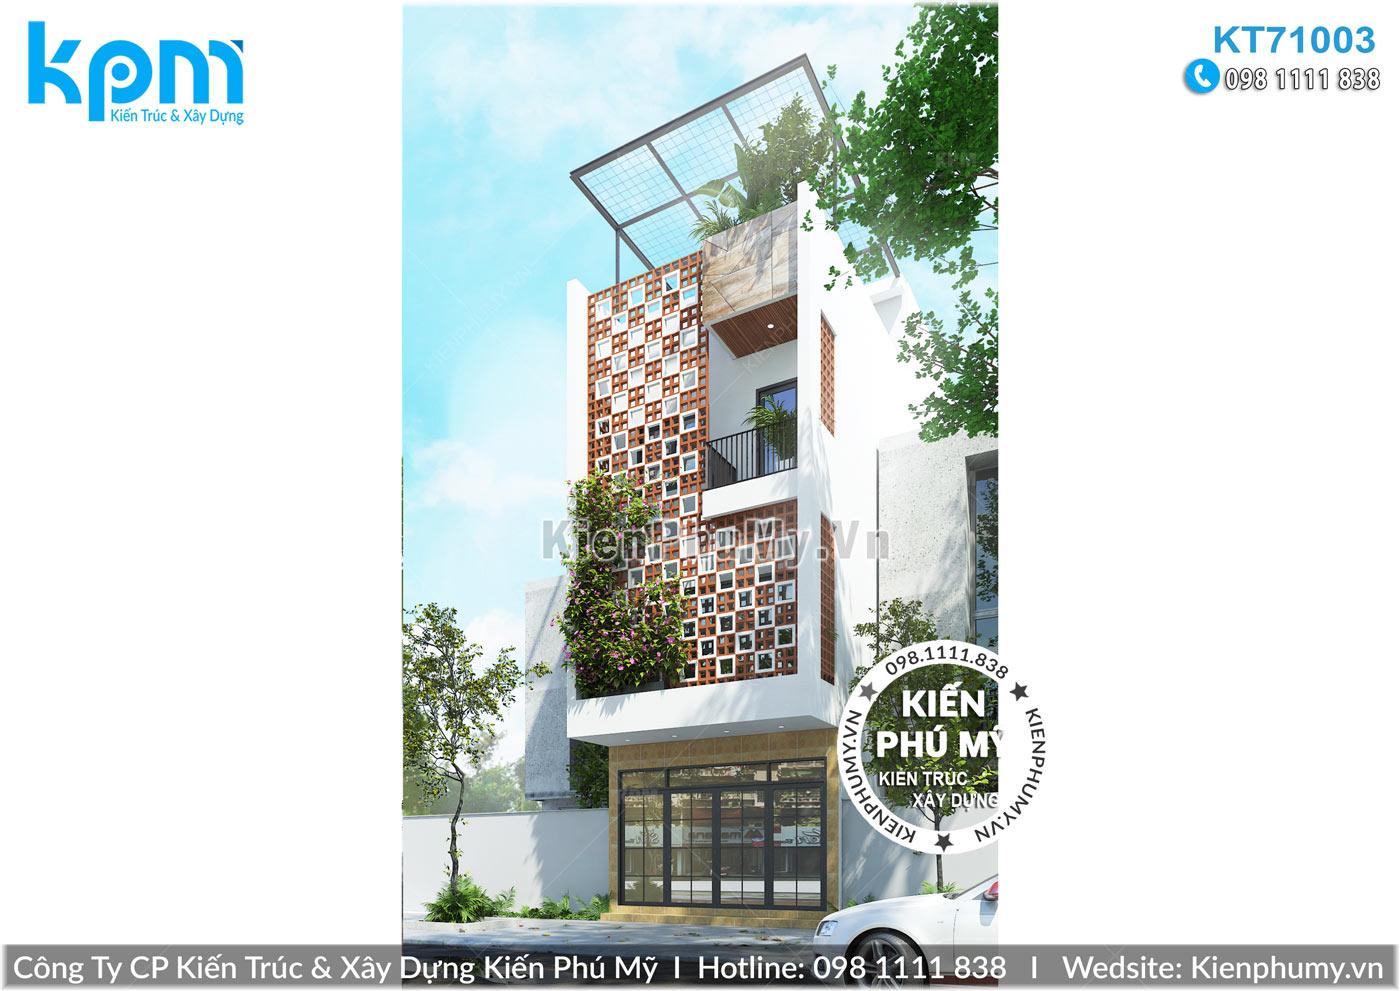 Mẫu nhà lô phố 3 tầng 1 tum đẹp phong cách hiện đại tại Nam Định